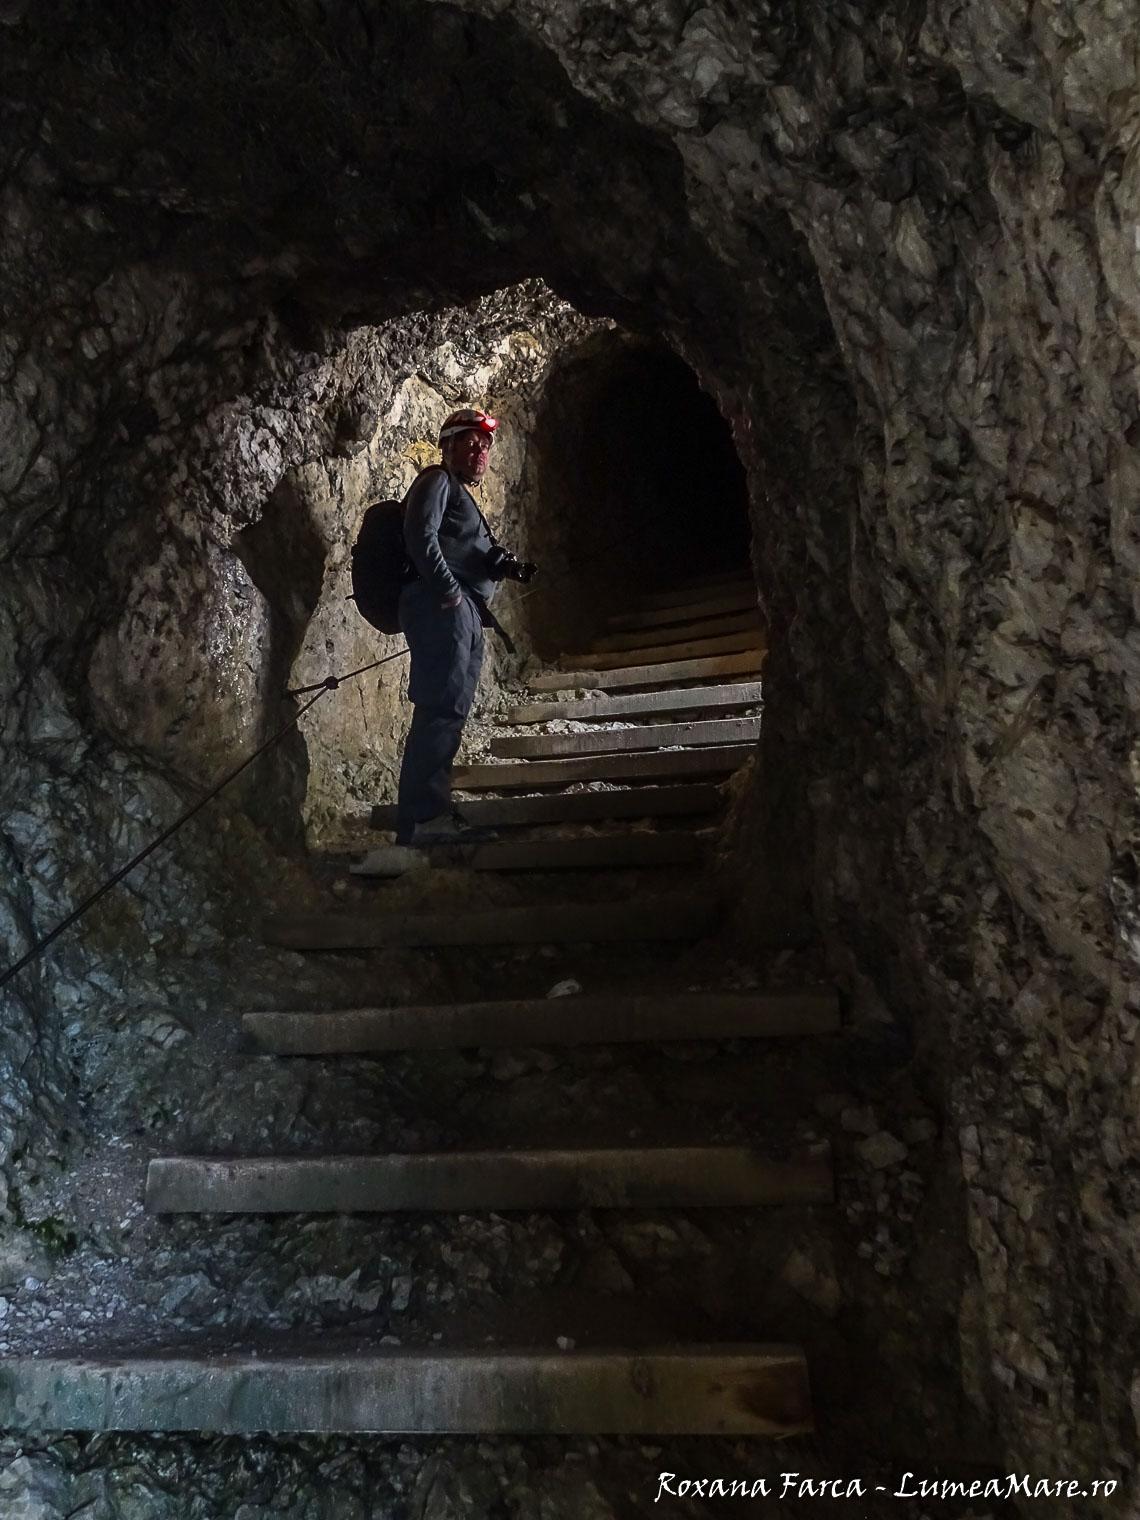 Tunel Lagazuoi